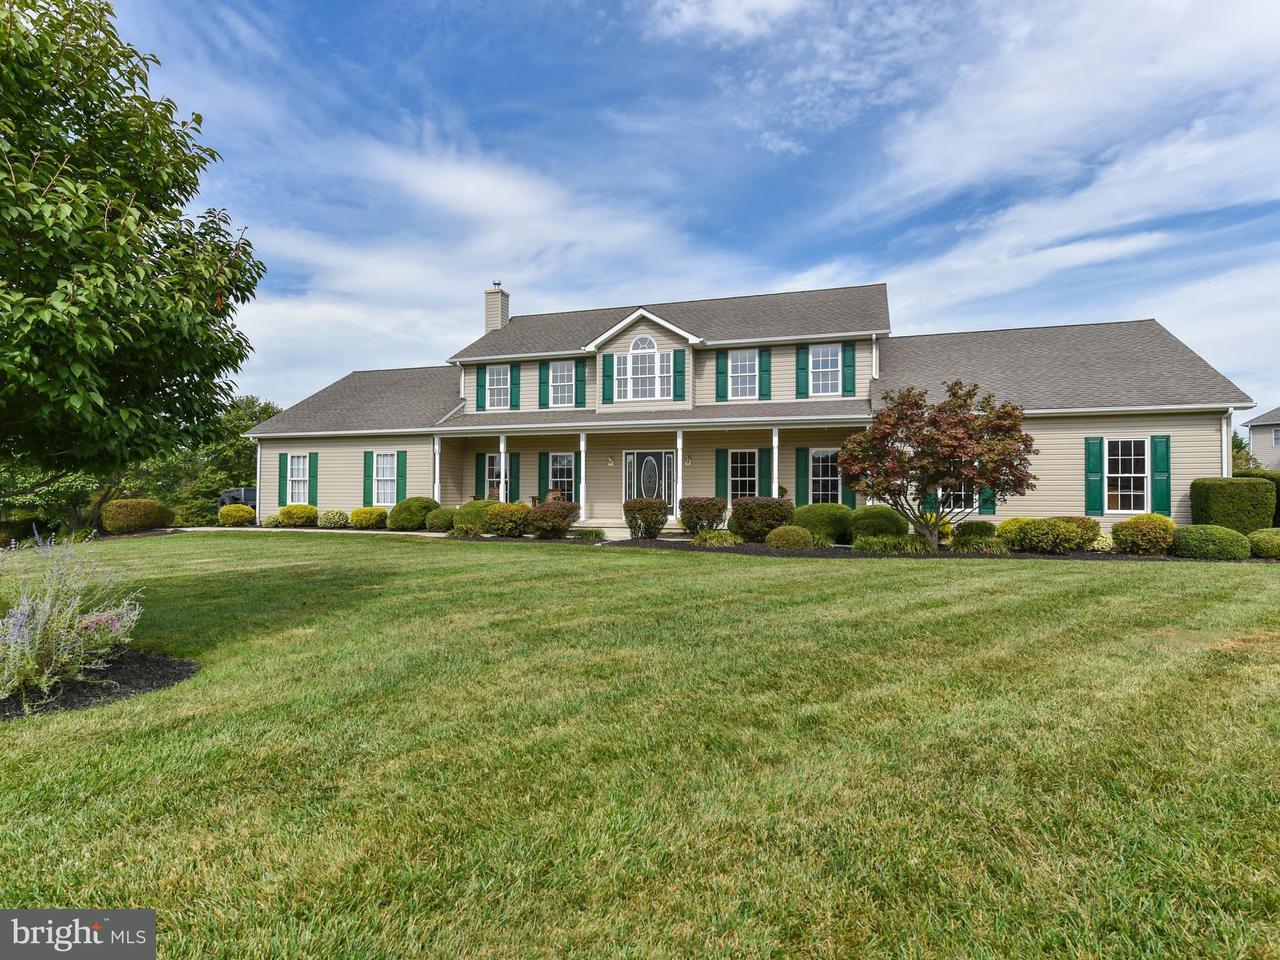 Maison unifamiliale pour l Vente à 68 CHADS WAY 68 CHADS WAY Port Deposit, Maryland 21904 États-Unis